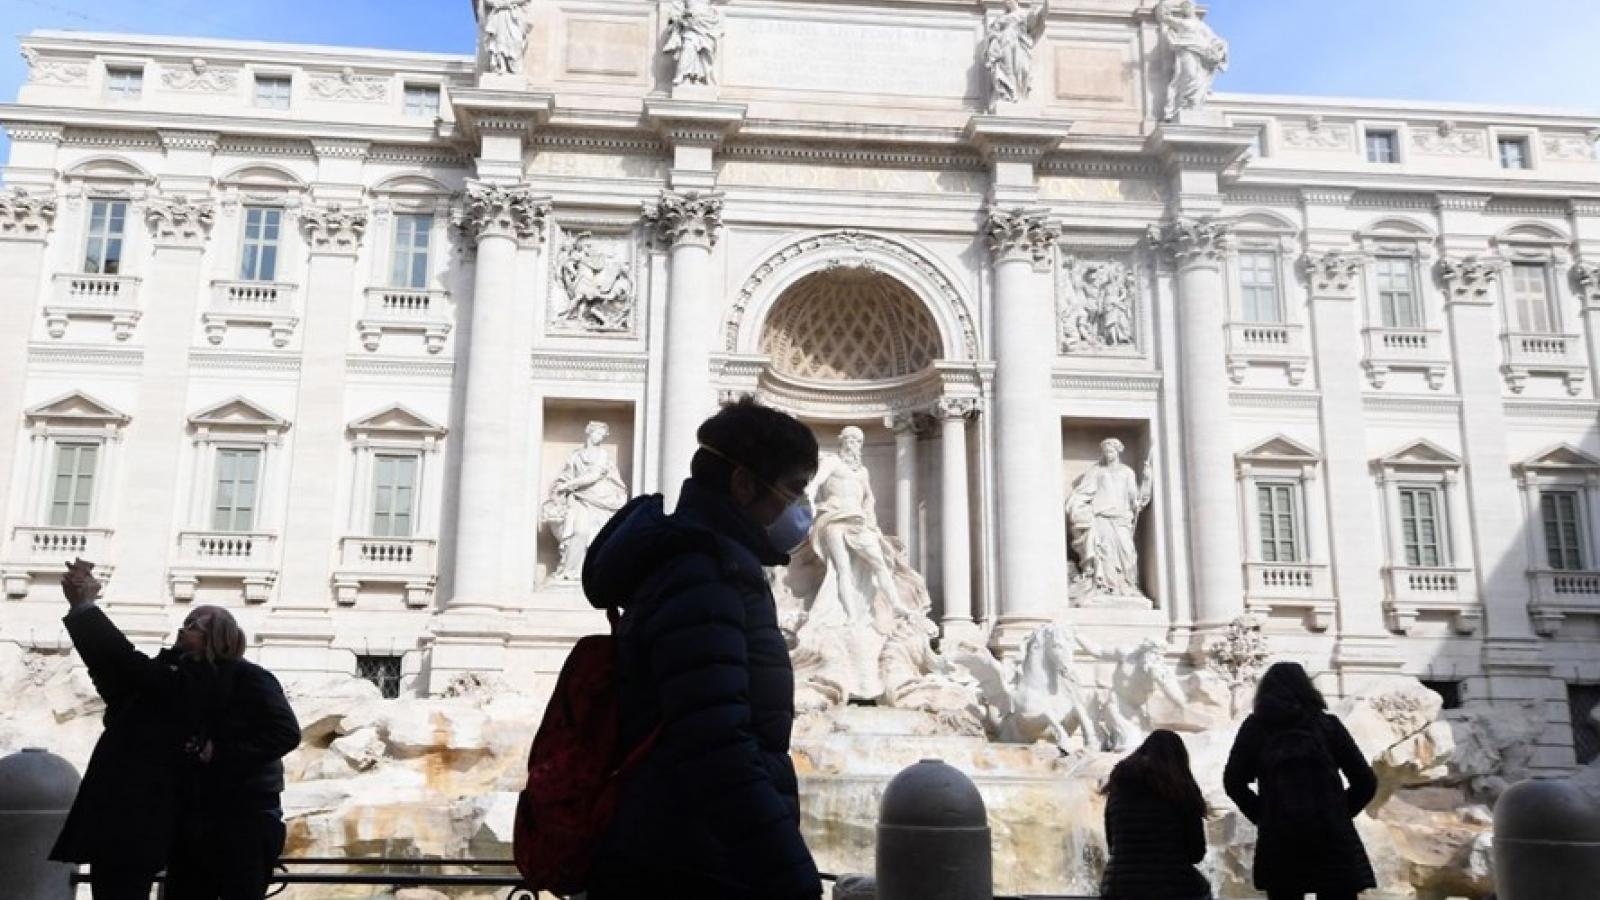 Italia siết chặt các biện pháp hạn chế phòng dịch Covid-19 tới một số vùng